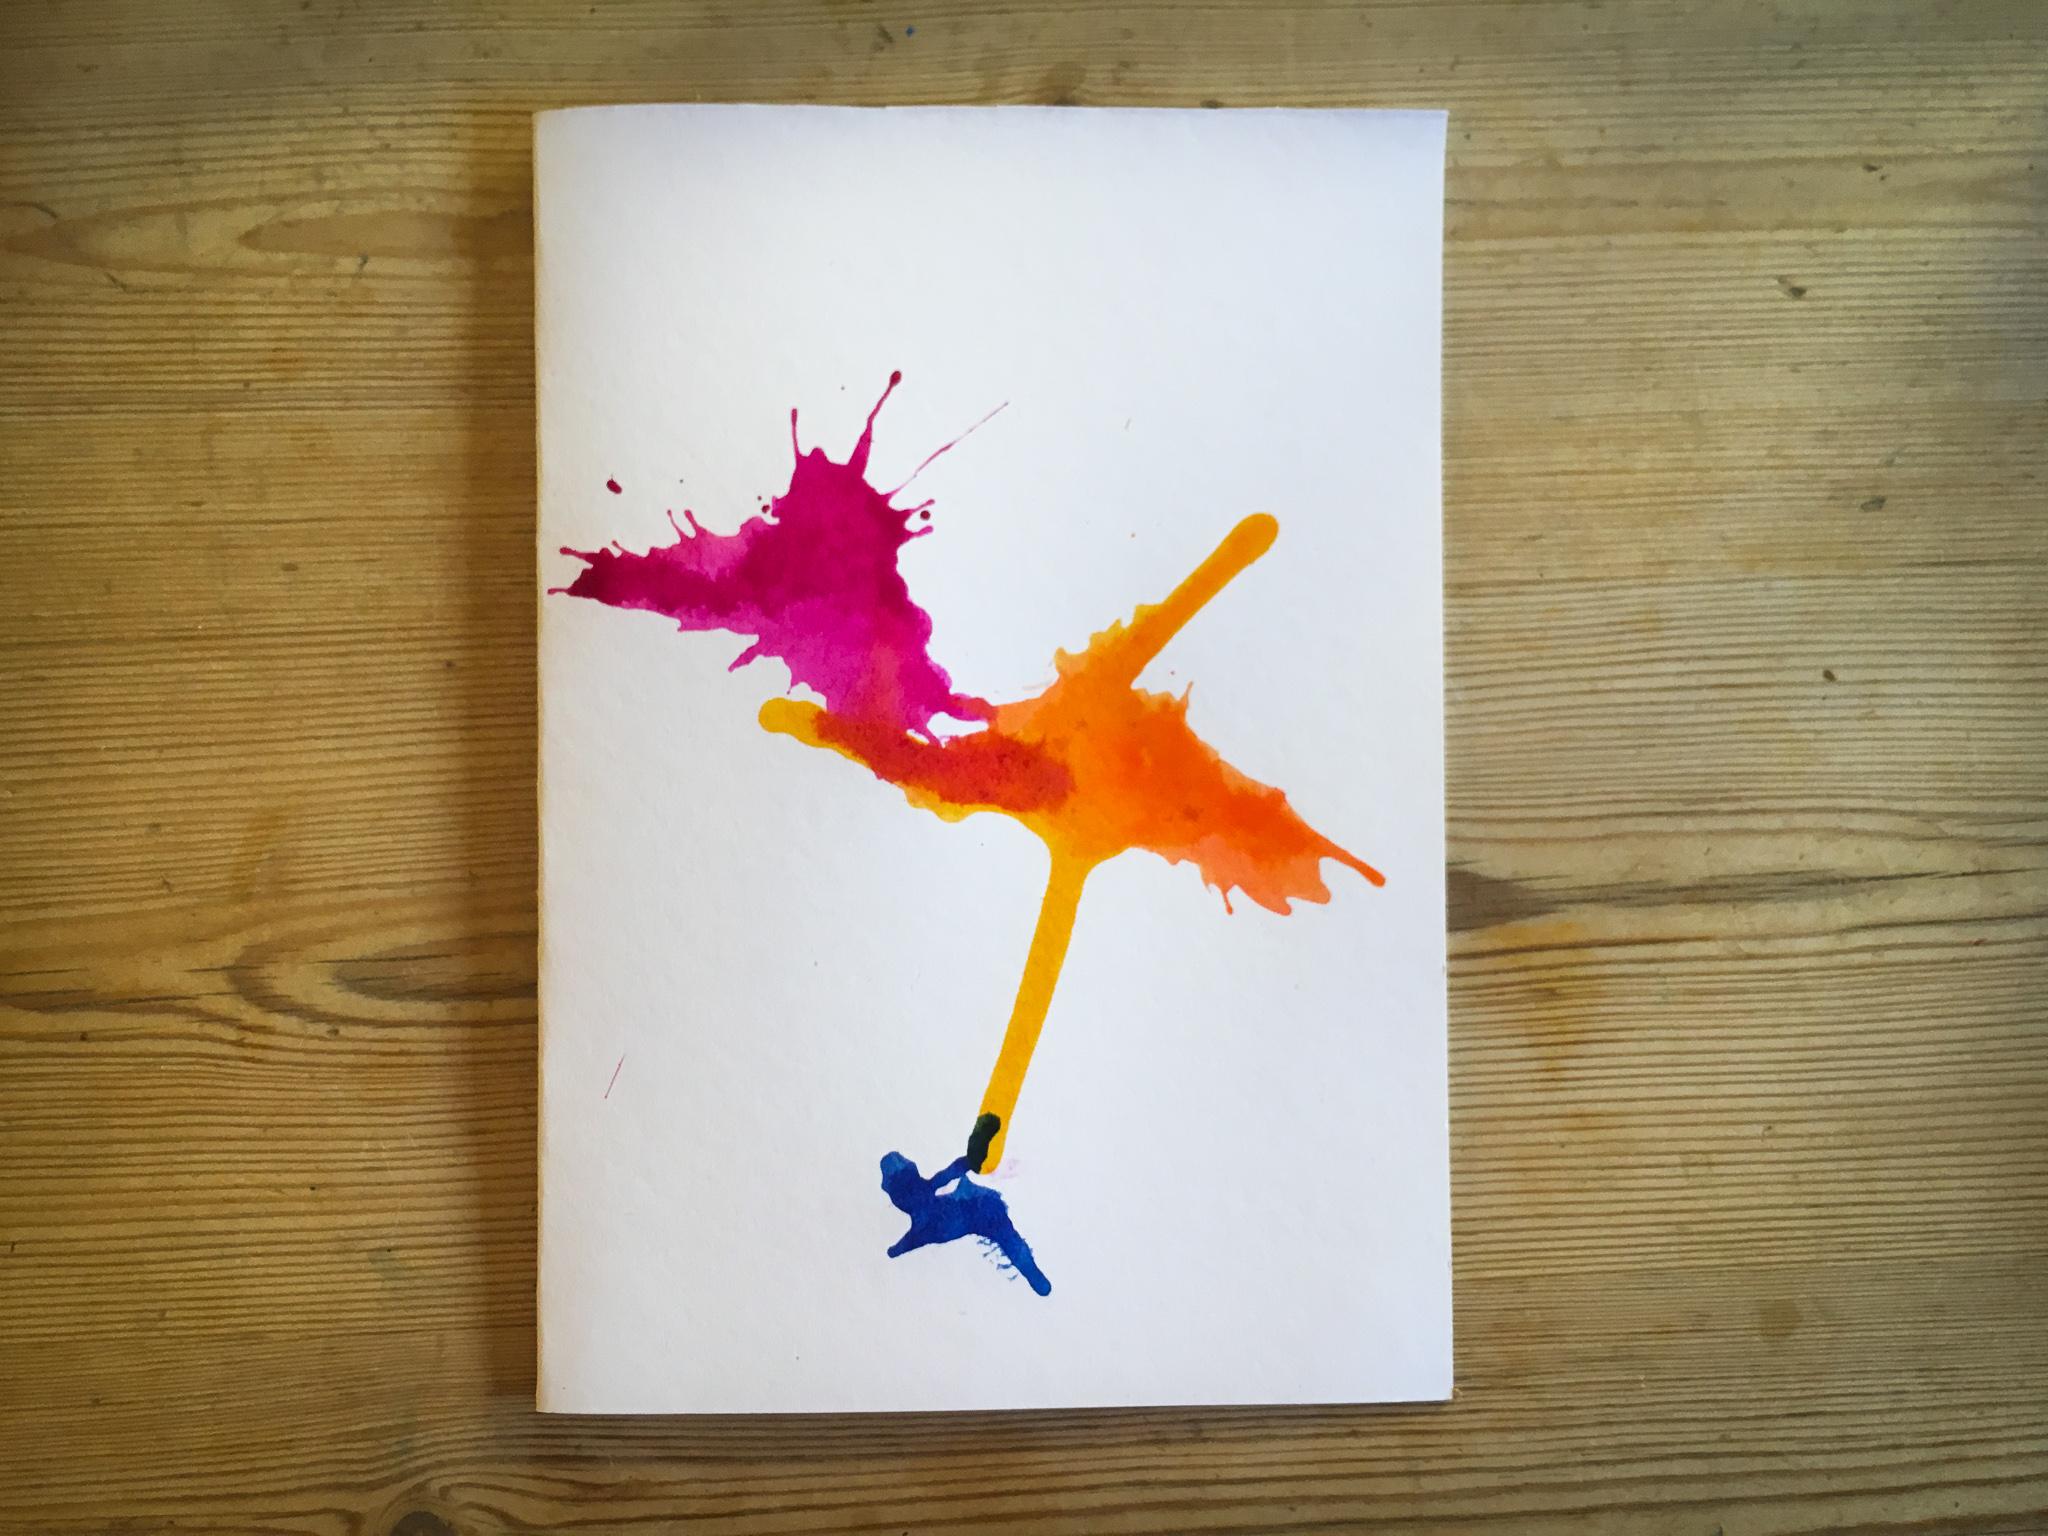 ink-splat-candyfloss-3